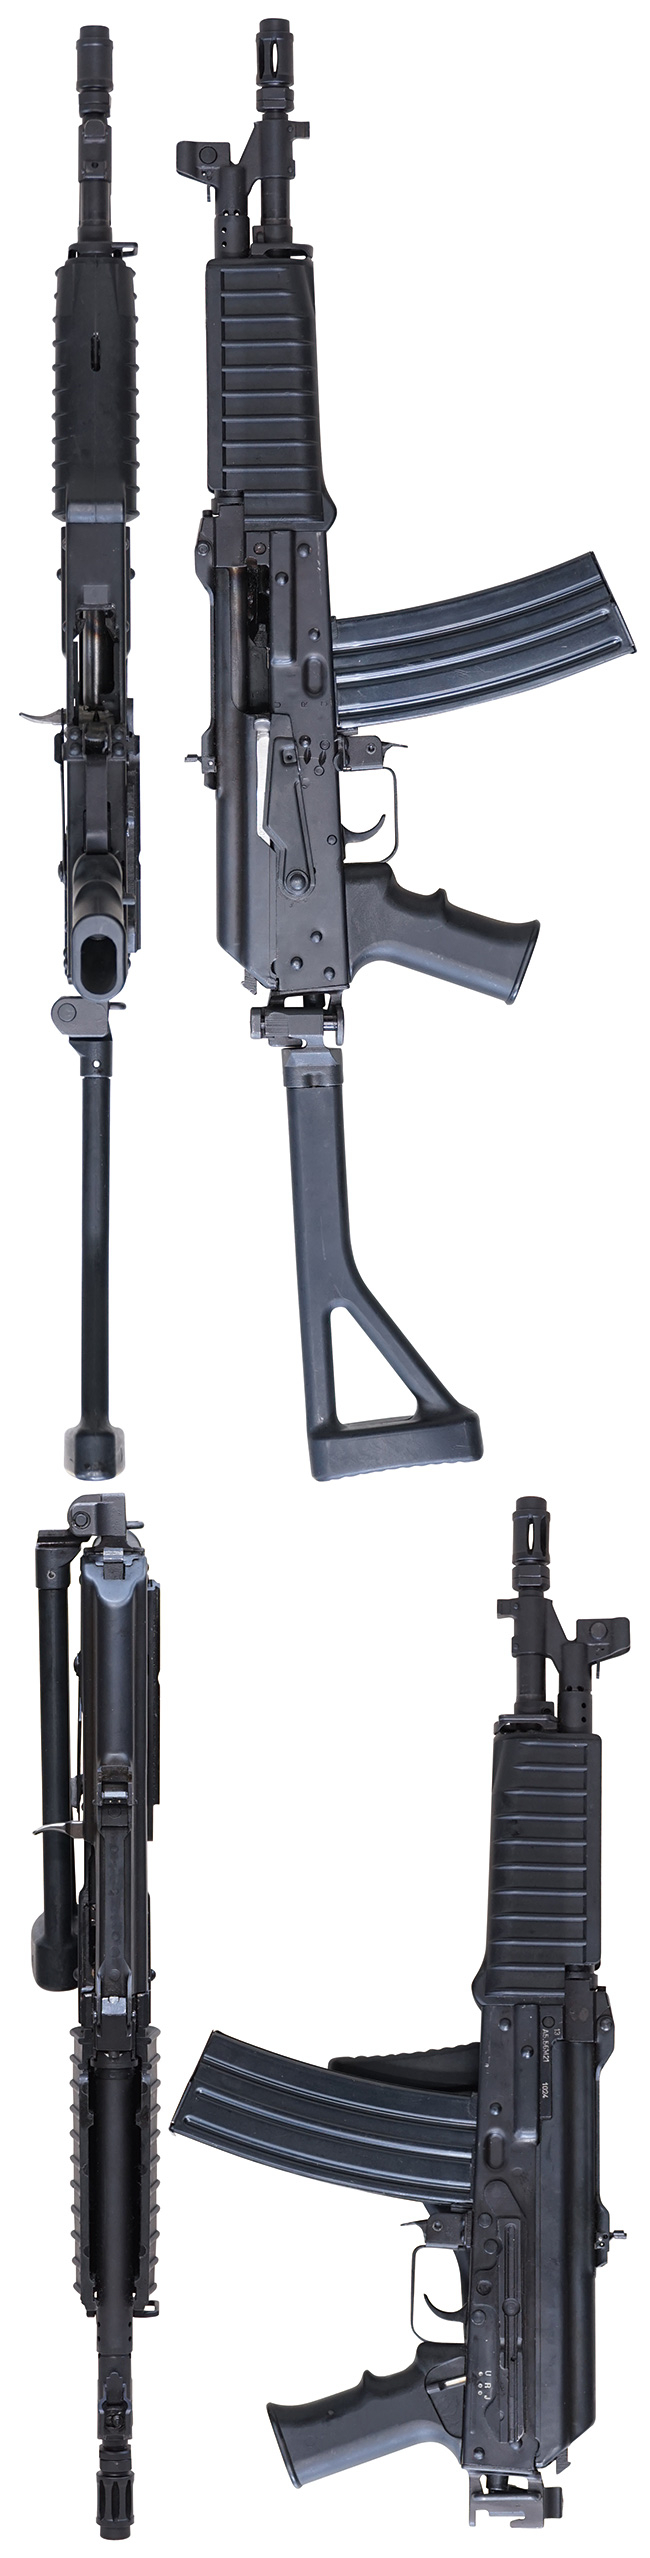 【3300】ツァスタバ-M21-自動小銃-ショート・バレル-(#1024)右.jpg